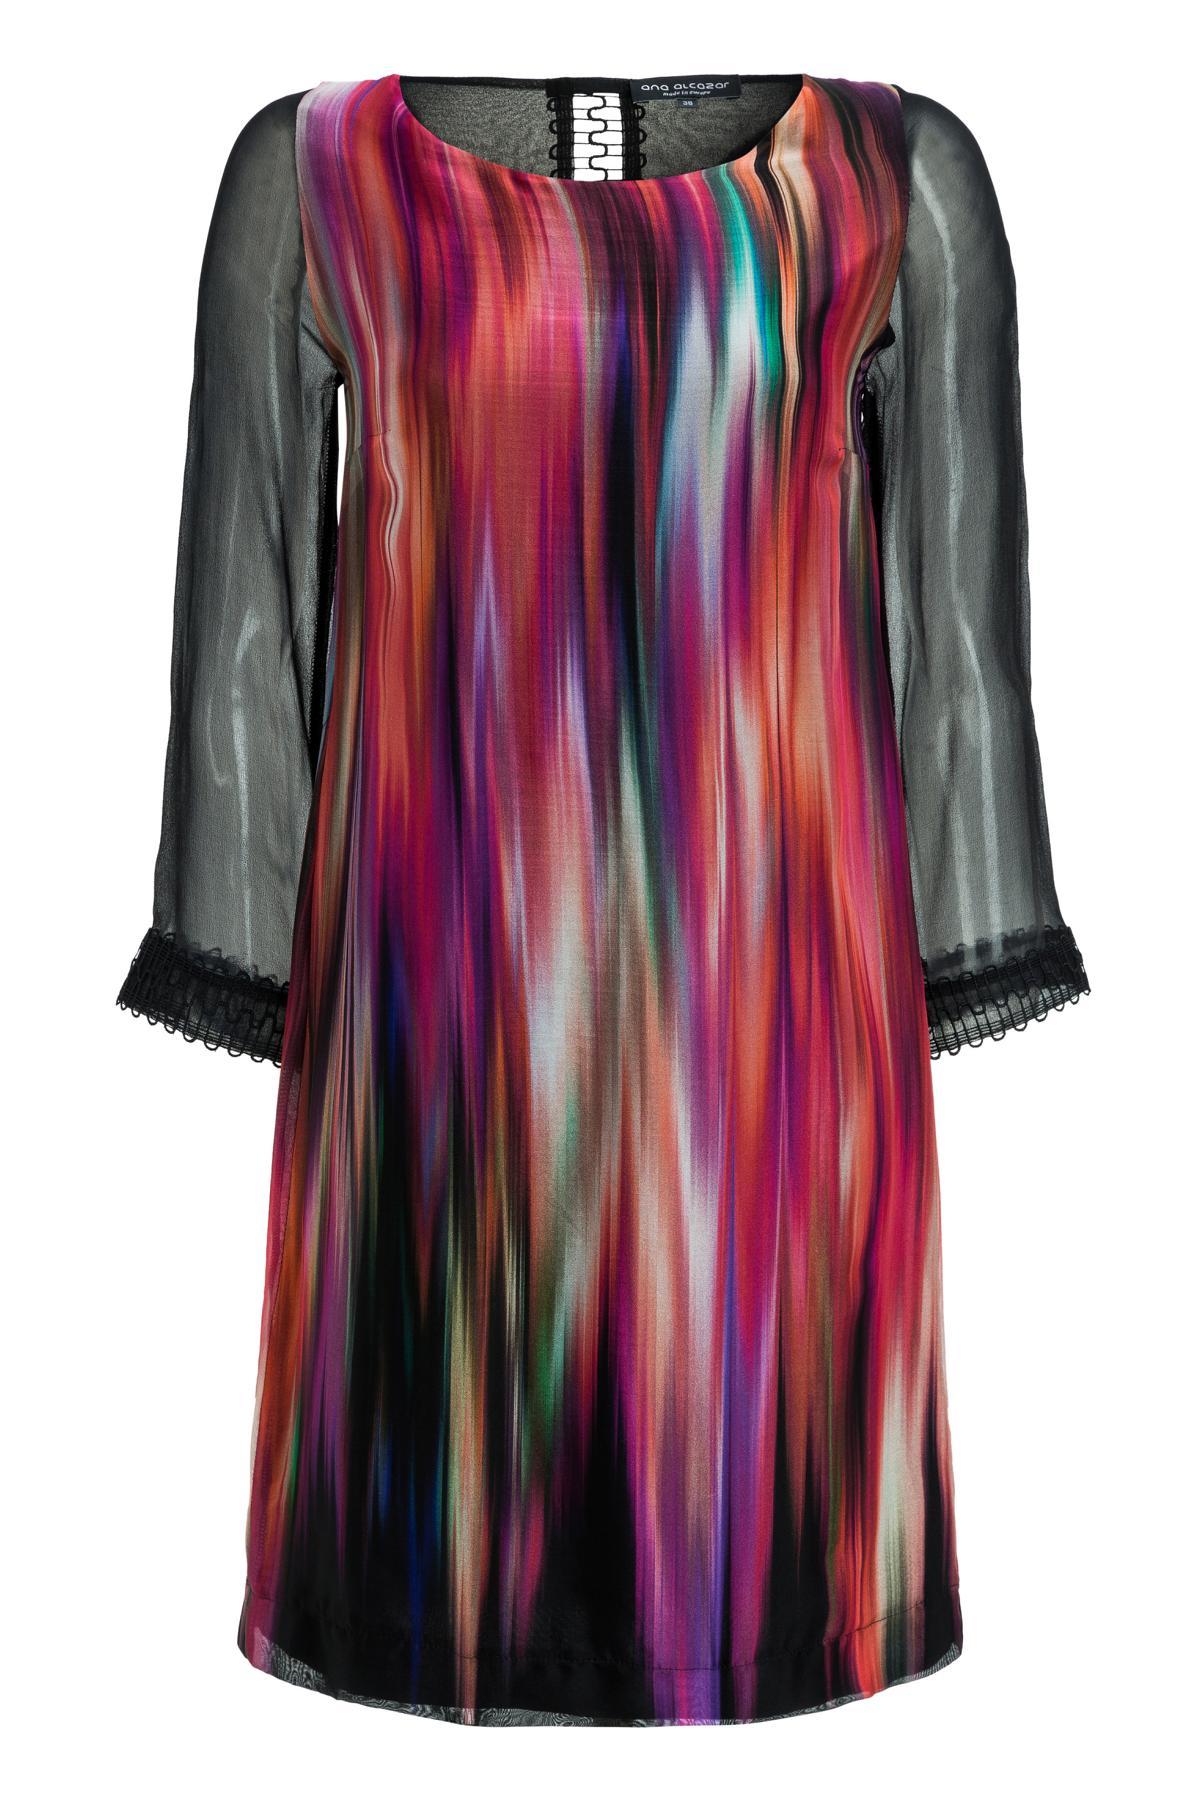 Ana Alcazar Silk Tunic Dress Madjely